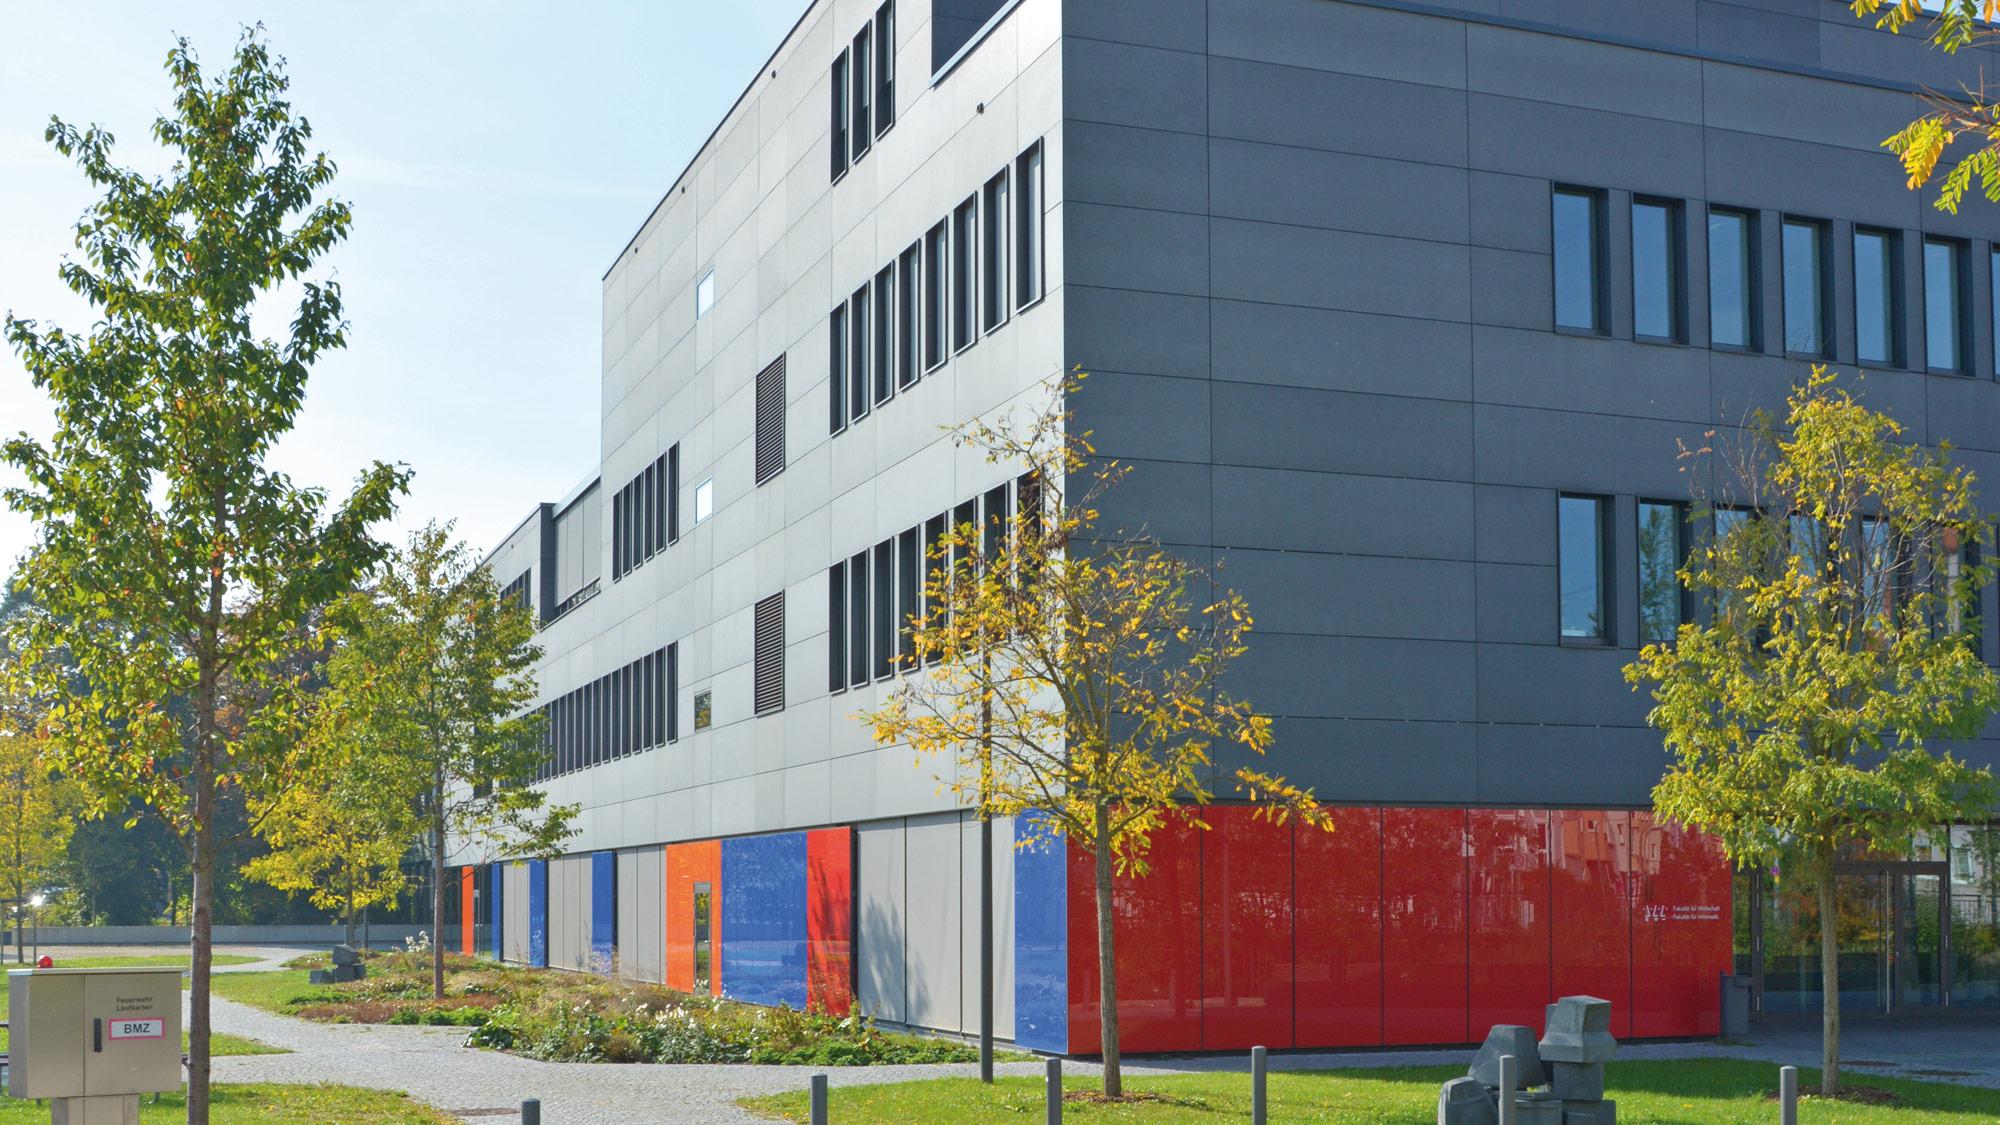 Fachhochschule Augsburg